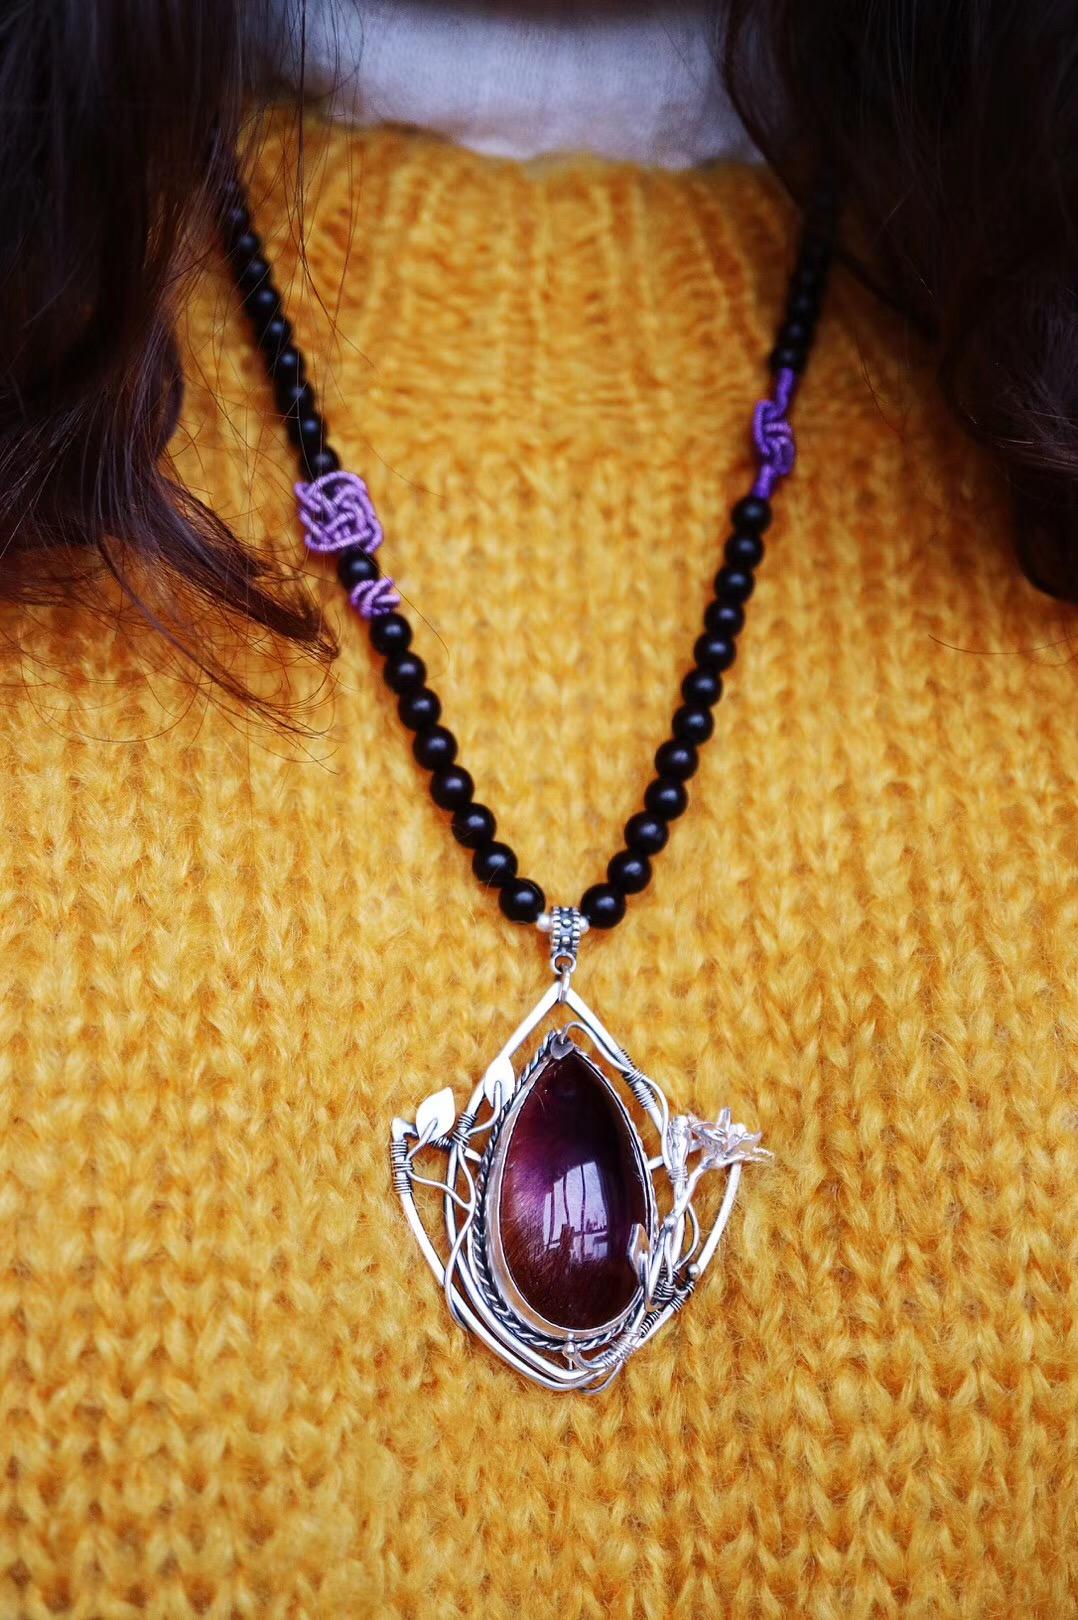 【菩心-紫发晶·鸢尾花】鸢尾花⚜️是法国的国花,象征着自由和光明-菩心晶舍